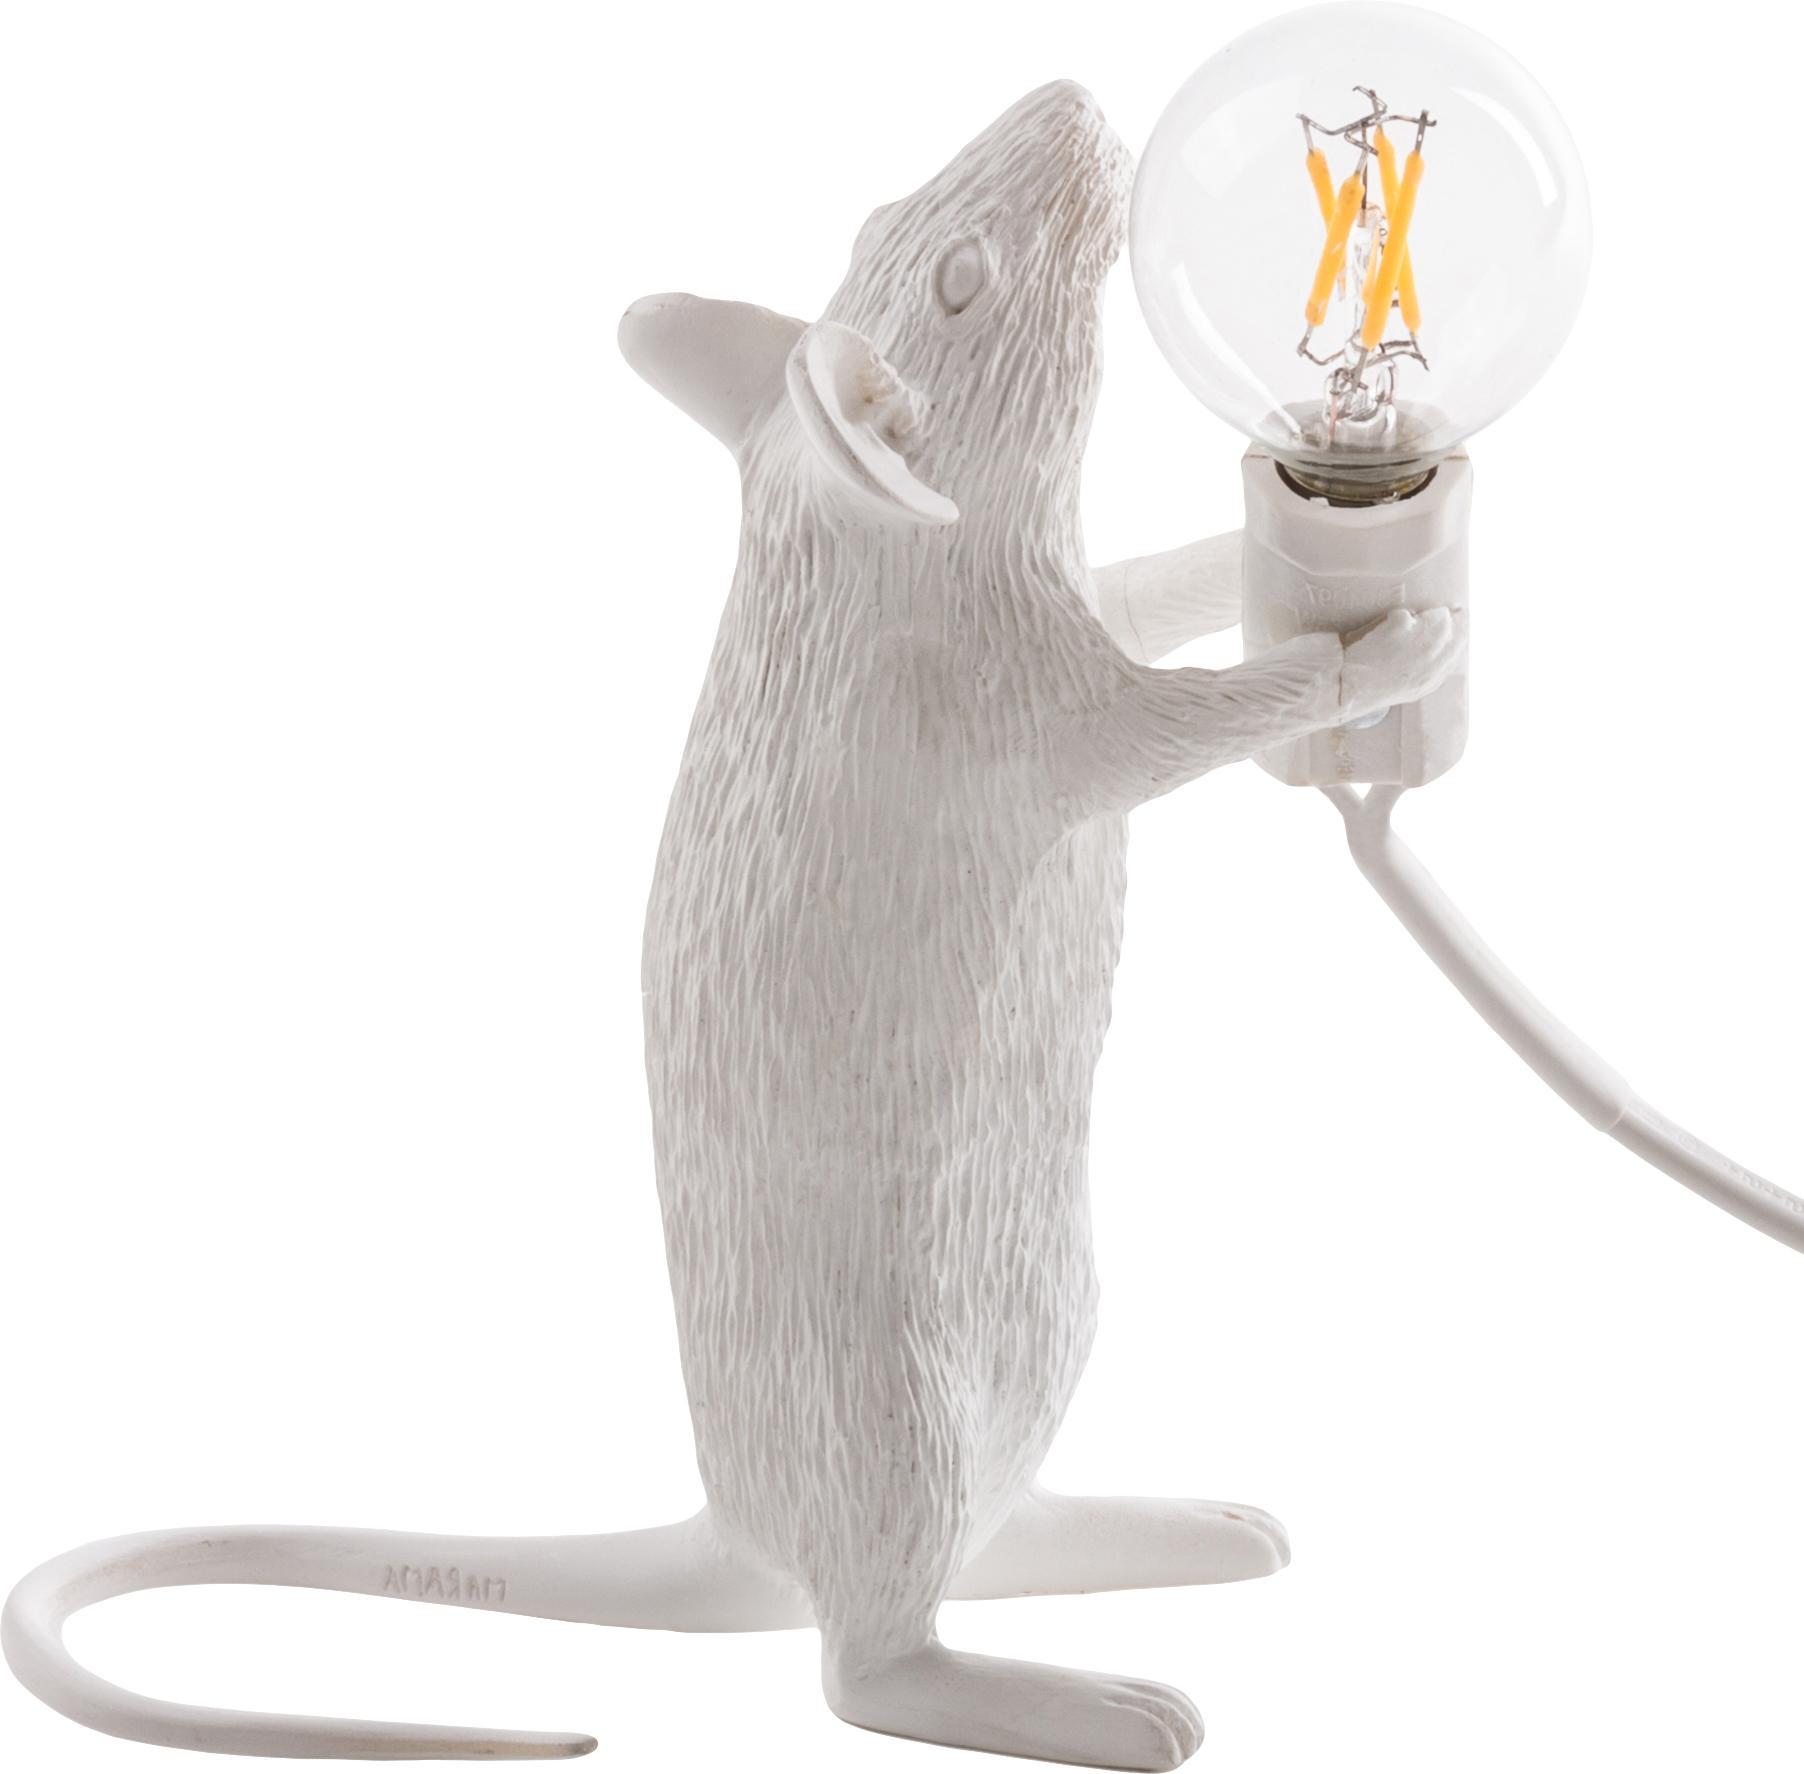 Lampa stołowa Mouse, Żywica syntetyczna, Biały, S 6 x W 15 cm